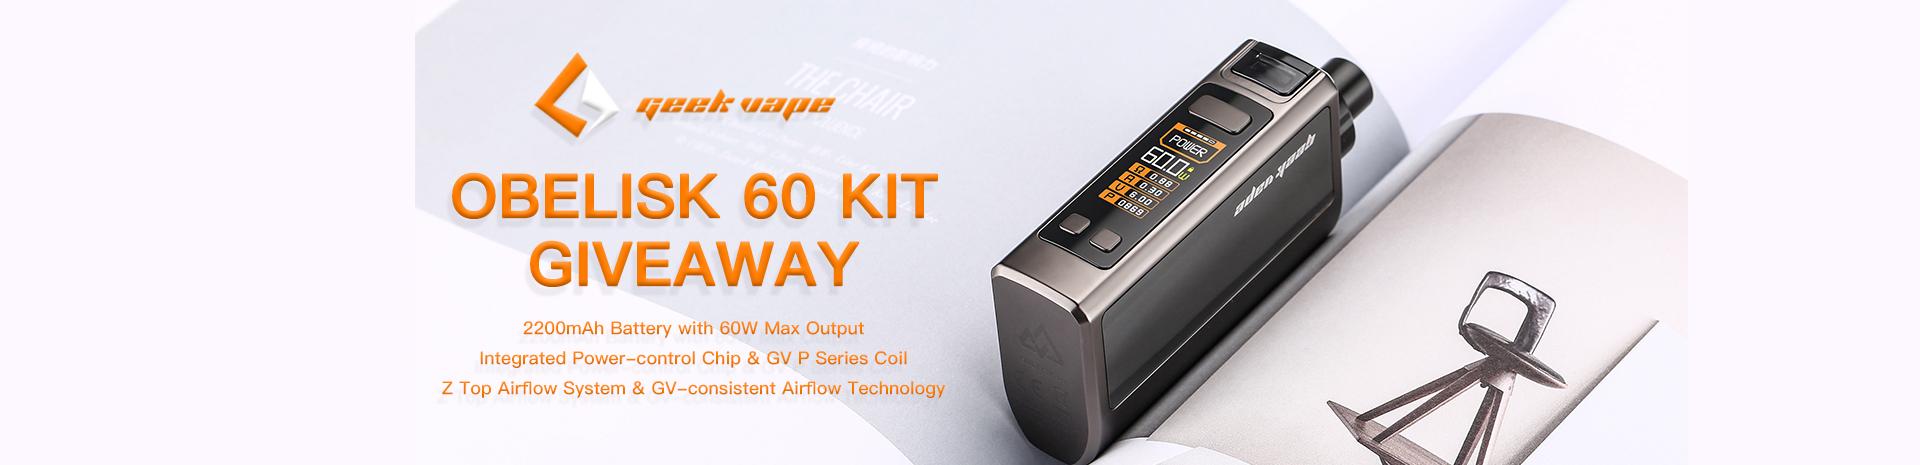 GeekVape Obelisk 60 Kit Giveaway Banner